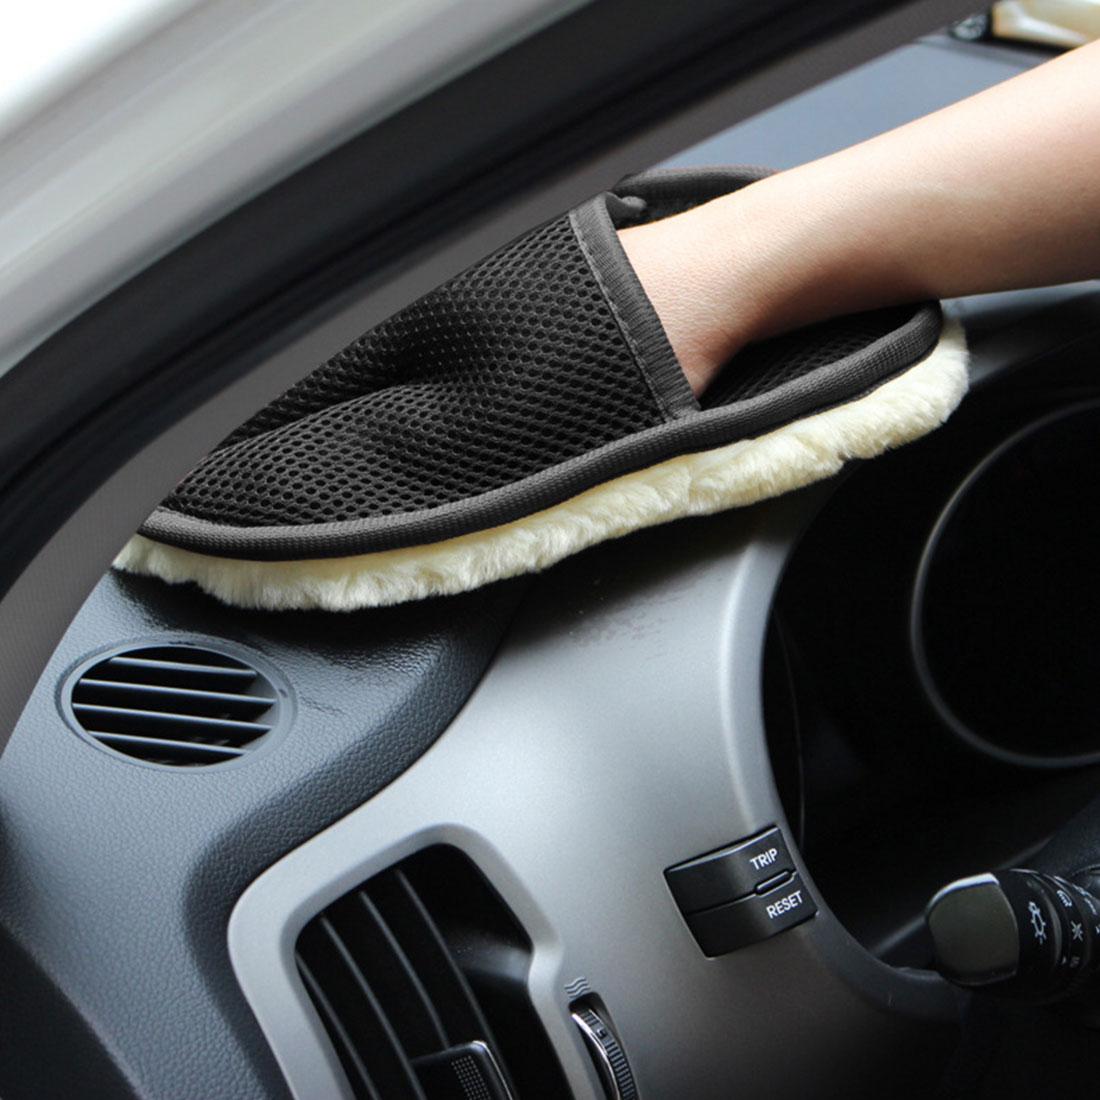 /Éponge de voiture voiture de nettoyage avec d/ésembuage /éponge de verre de d/écontamination brosse /à /éponge double face installation unique 16.5x10.5 /éponge de cire de voiture